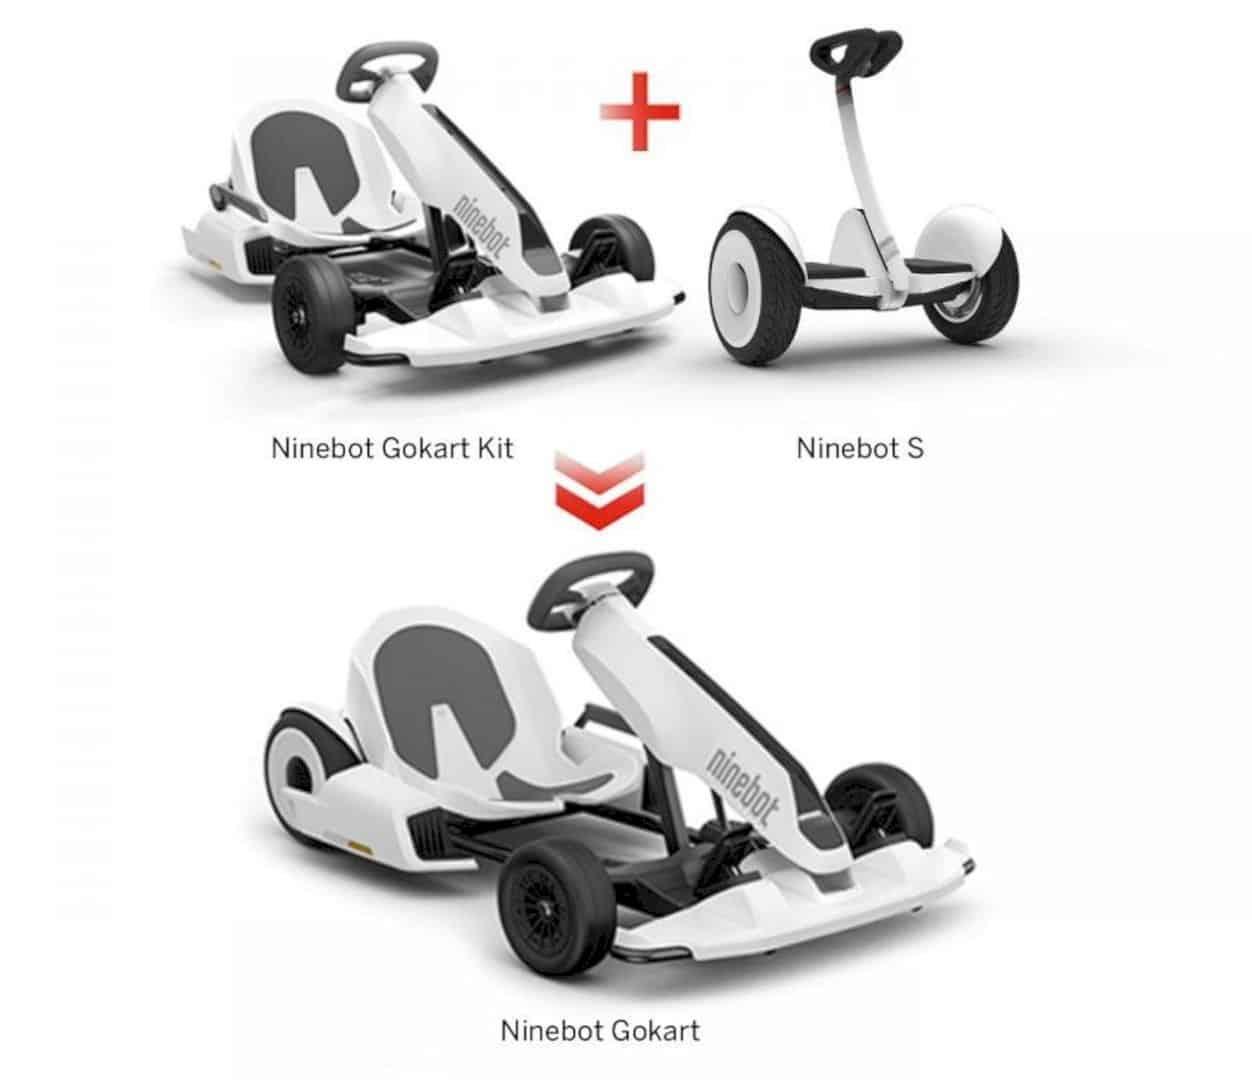 Segway Ninebot Gokart Kit 1